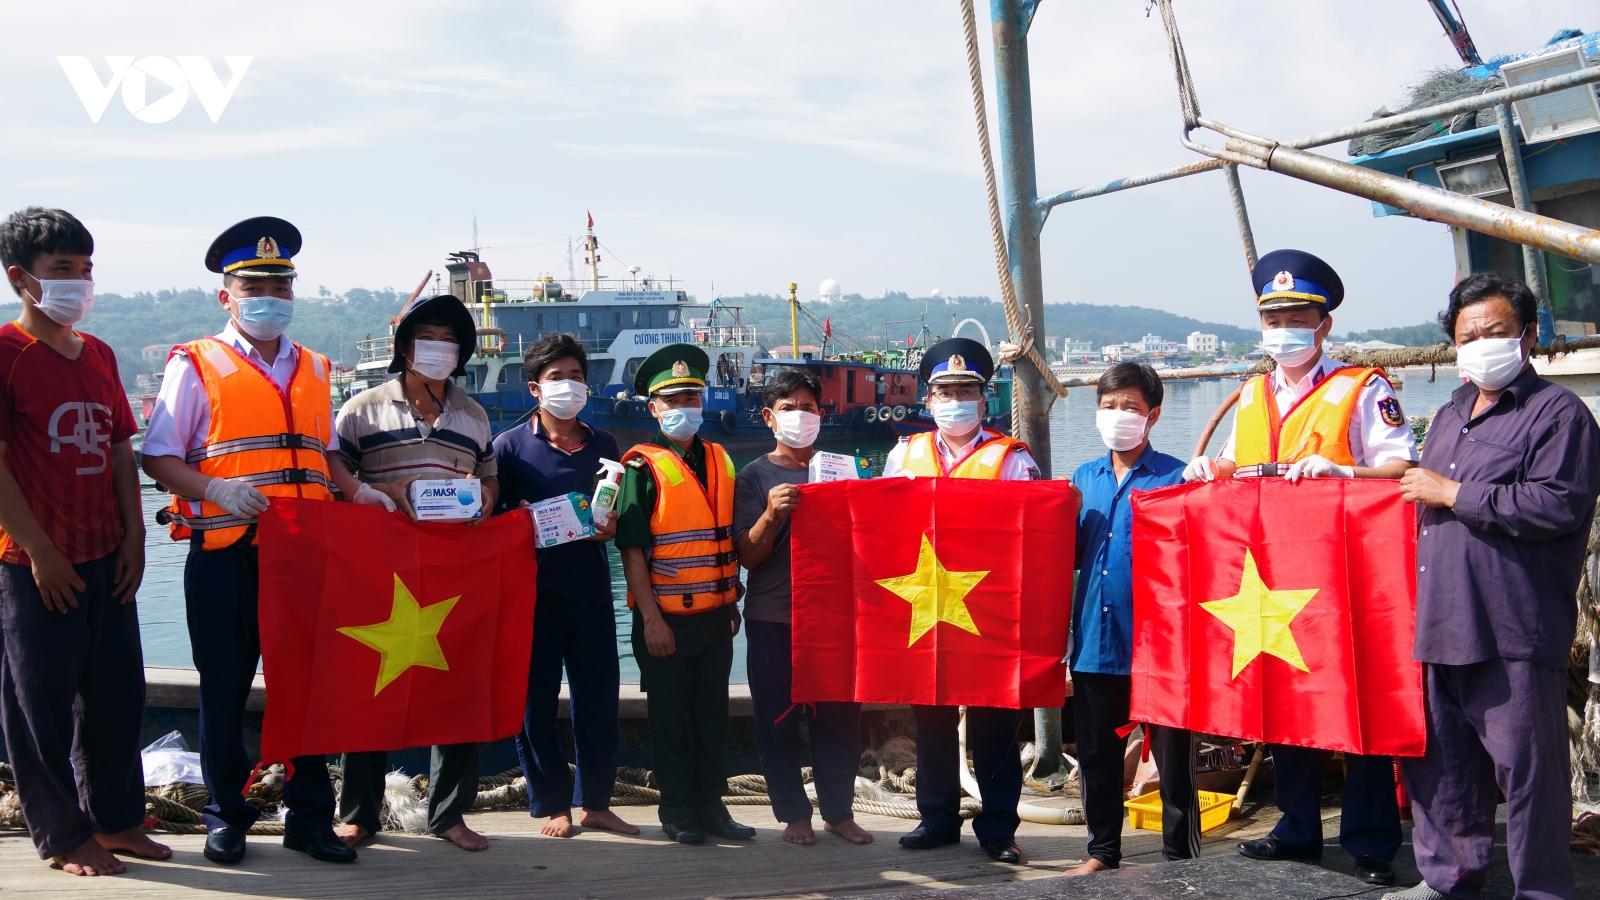 Cảnh sát biển đồng hành với ngư dânhuyện đảo Bạch Long Vĩ